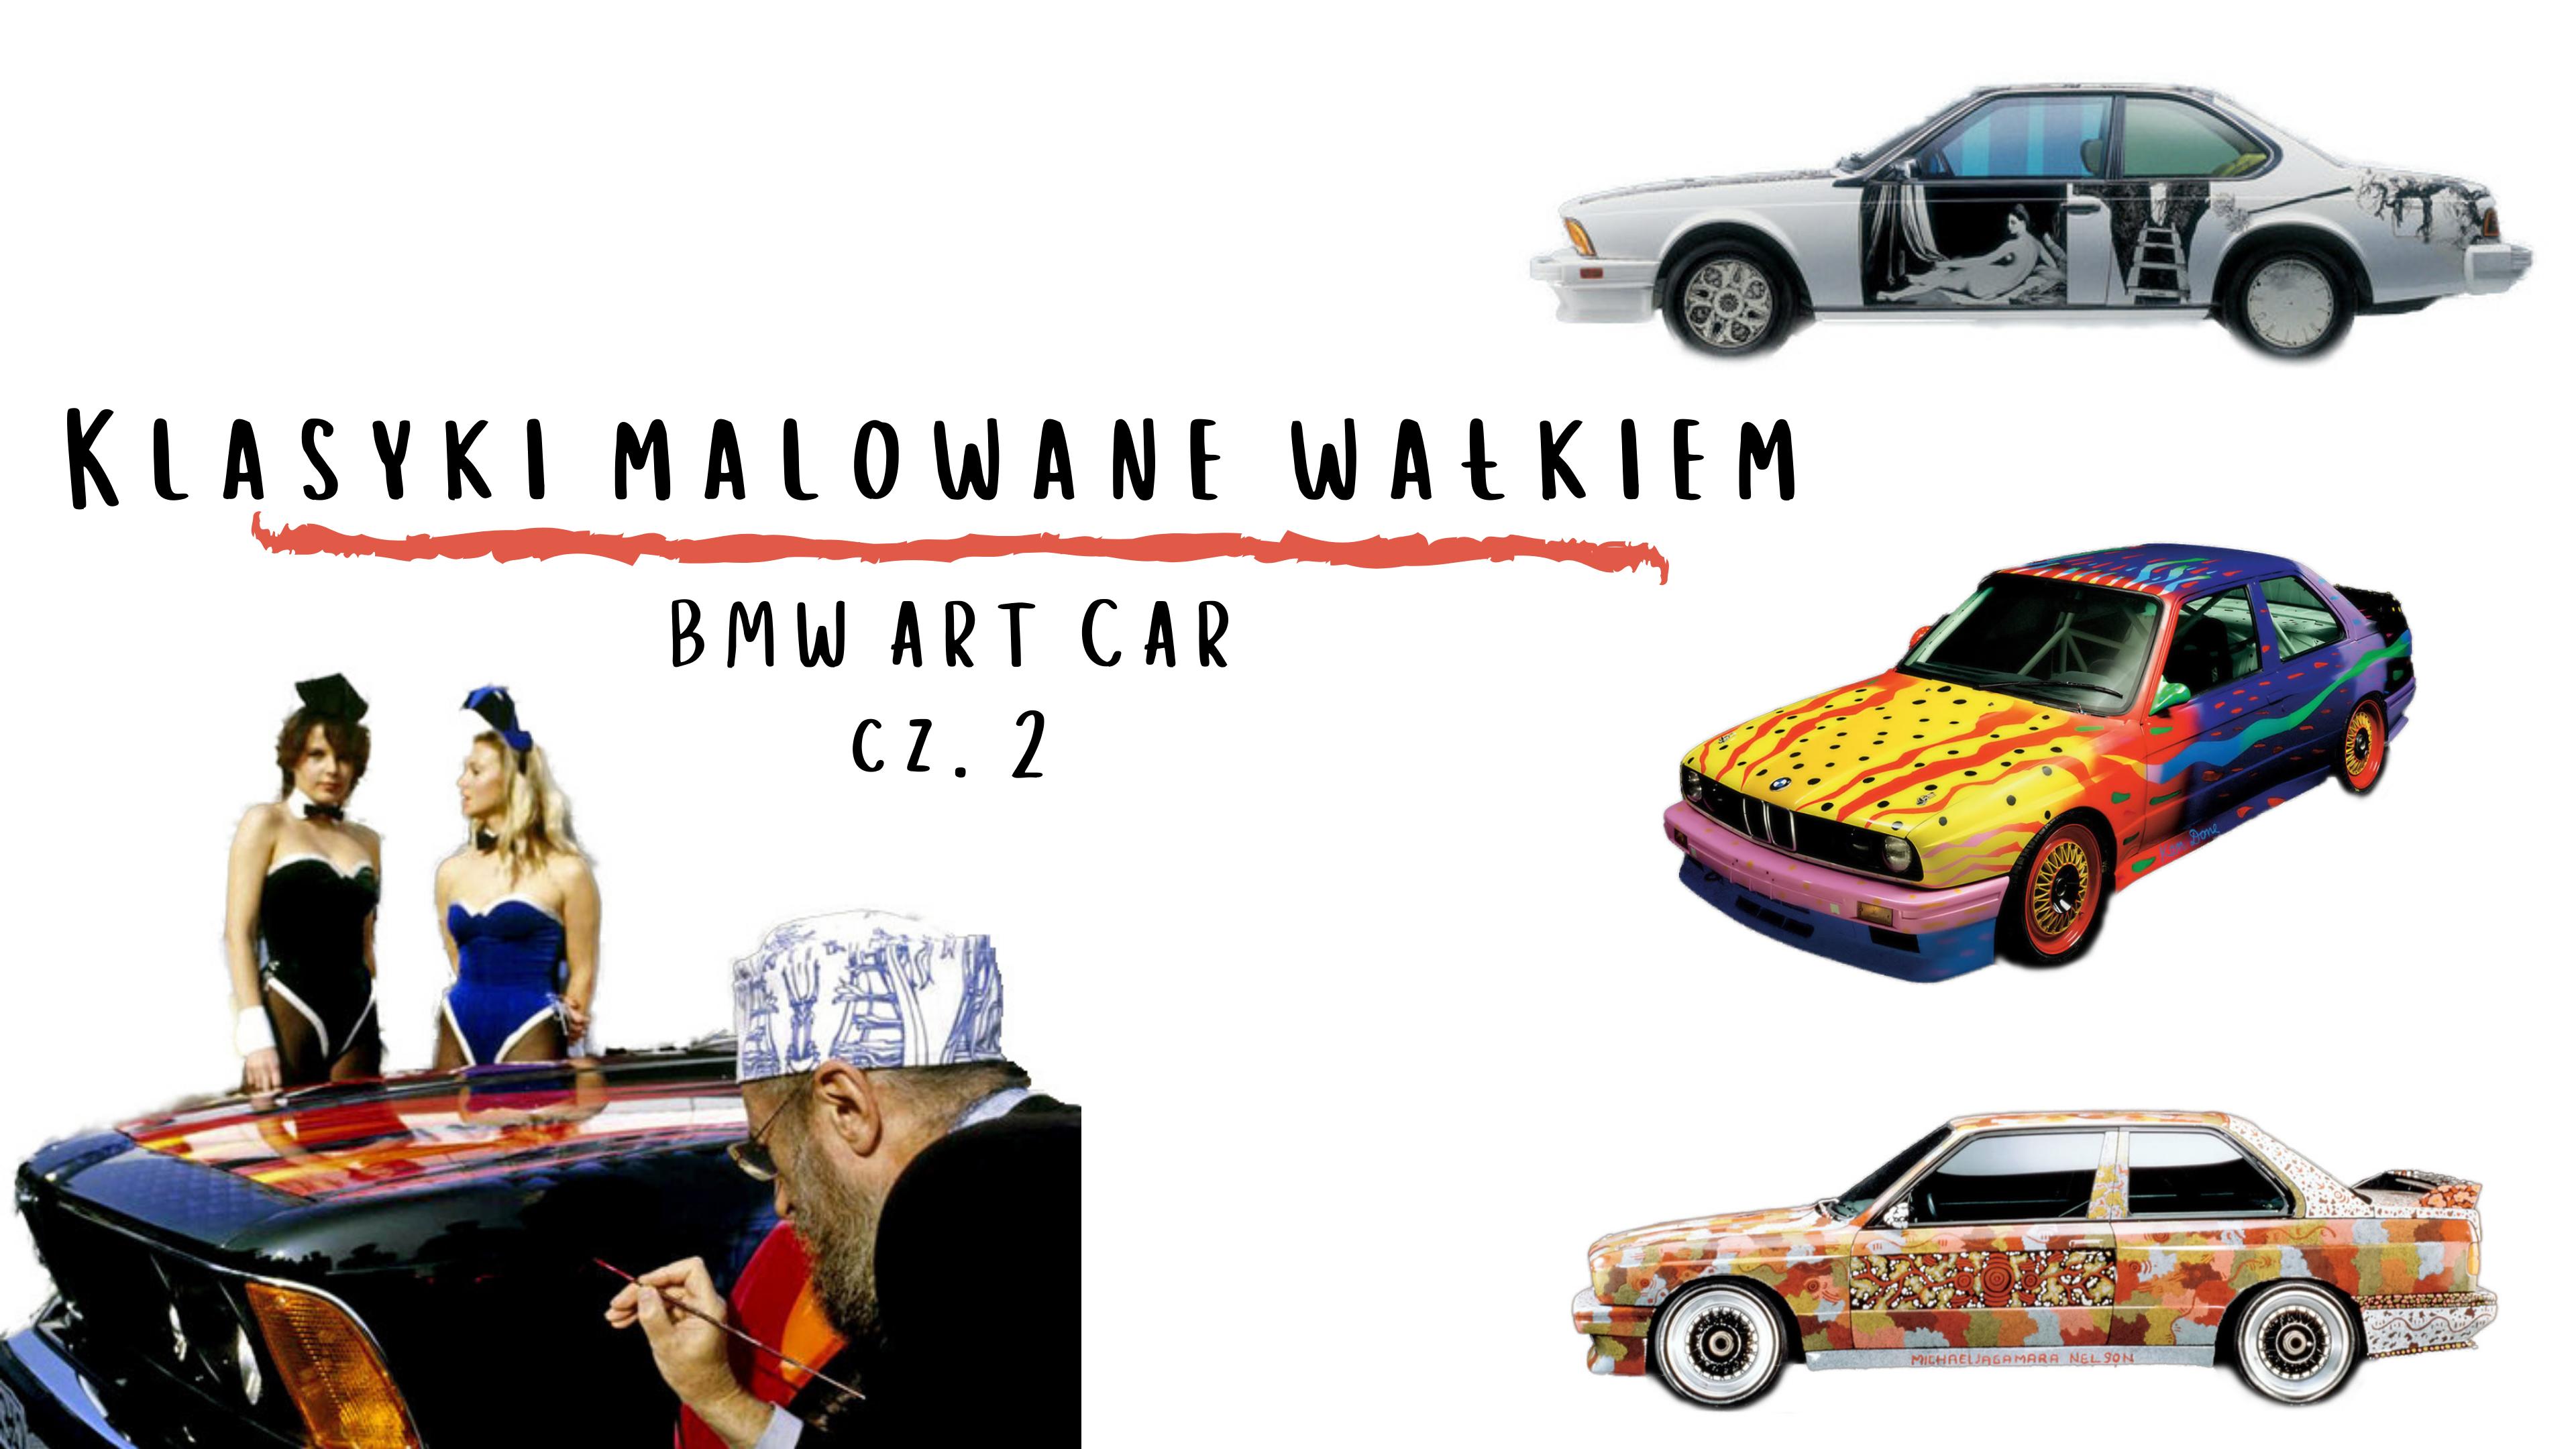 Klasyki malowane wałkiem: wykwintna sztuka na klasycznych BMW. Czy do każdego dotrze?